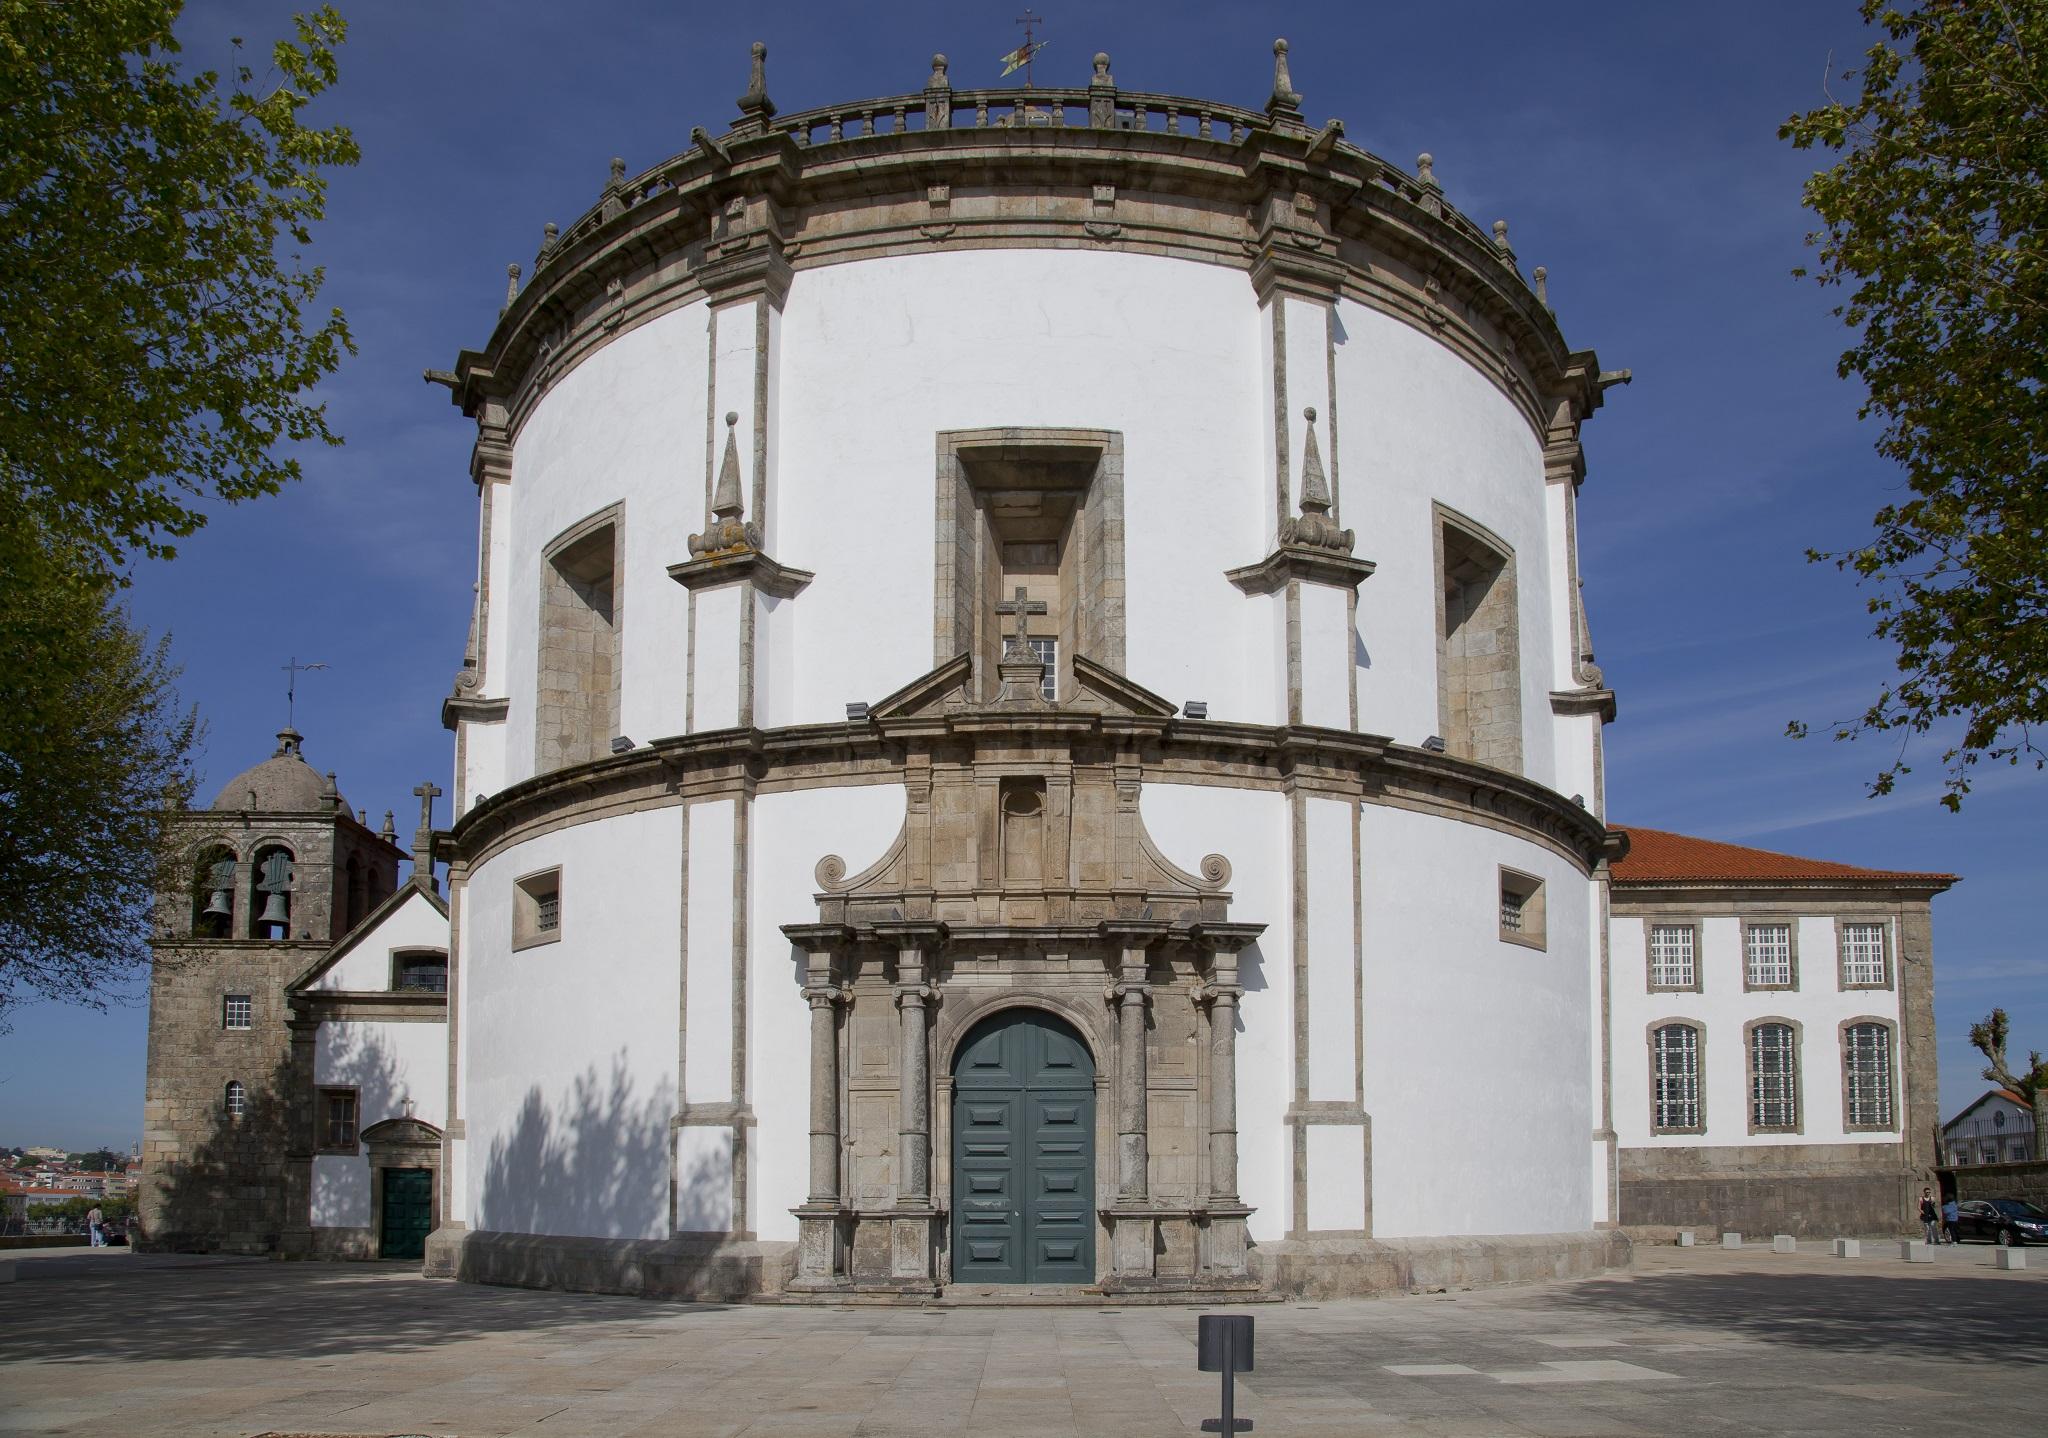 Eglise et Monastere de la Serra do Pilar - Vila Nova de Gaia - Porto